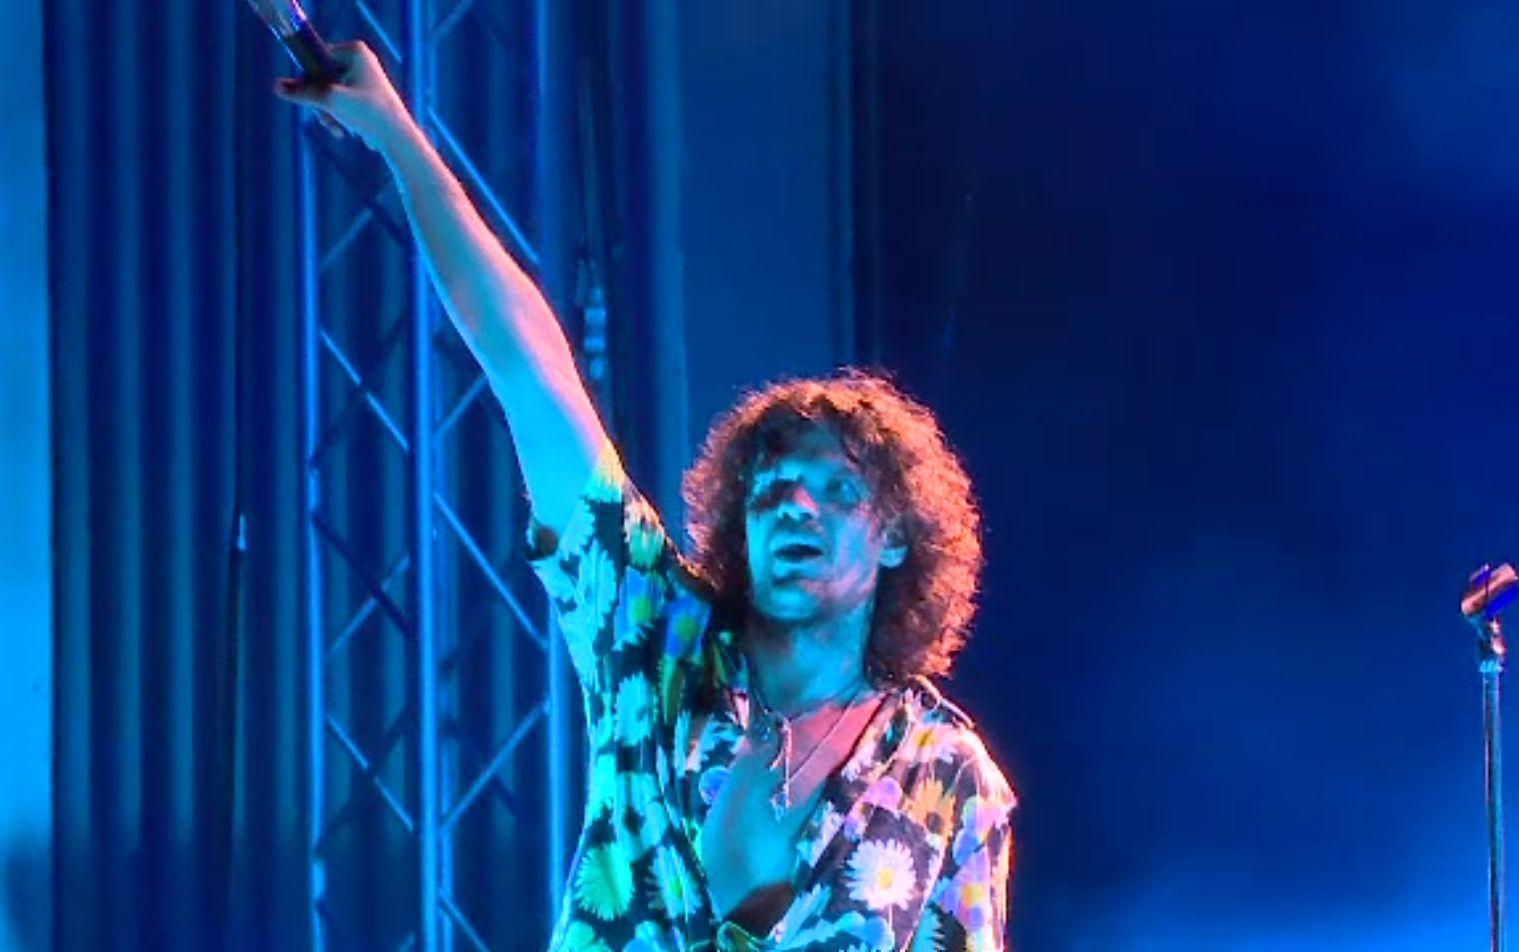 Vama cântă la Cota 2000, deasupra orașului Sinaia. Concert într-un decor de poveste